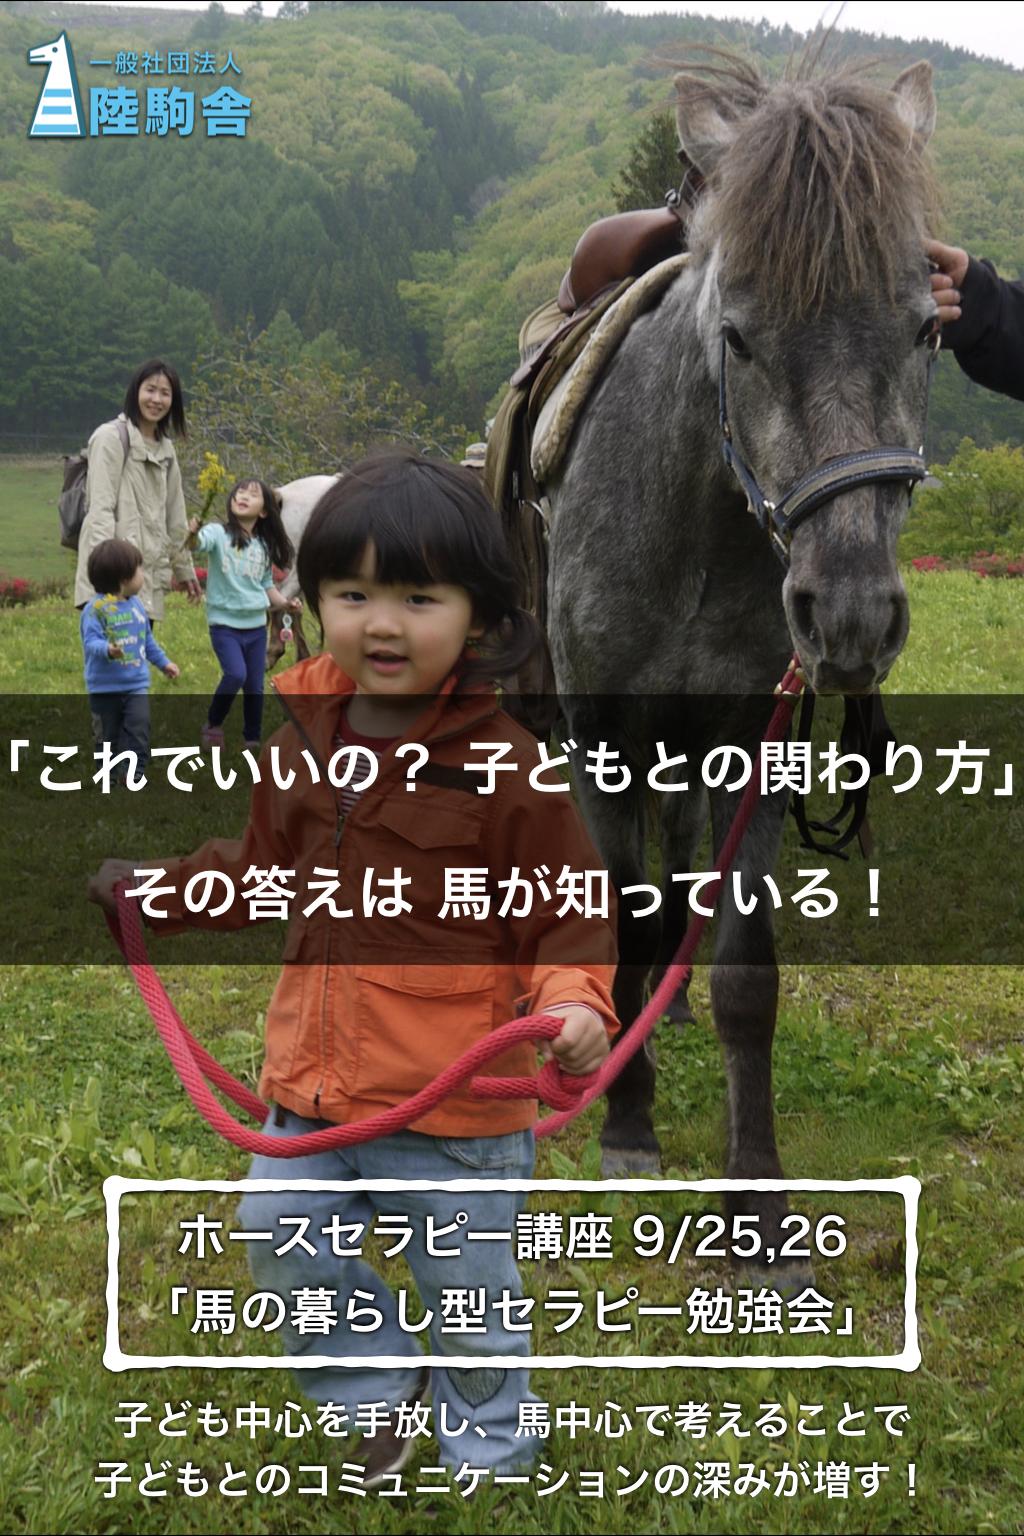 「これでいいの? 子どもとの関わり方」その答えは 馬が知っている!〜ホースセラピー講座〜